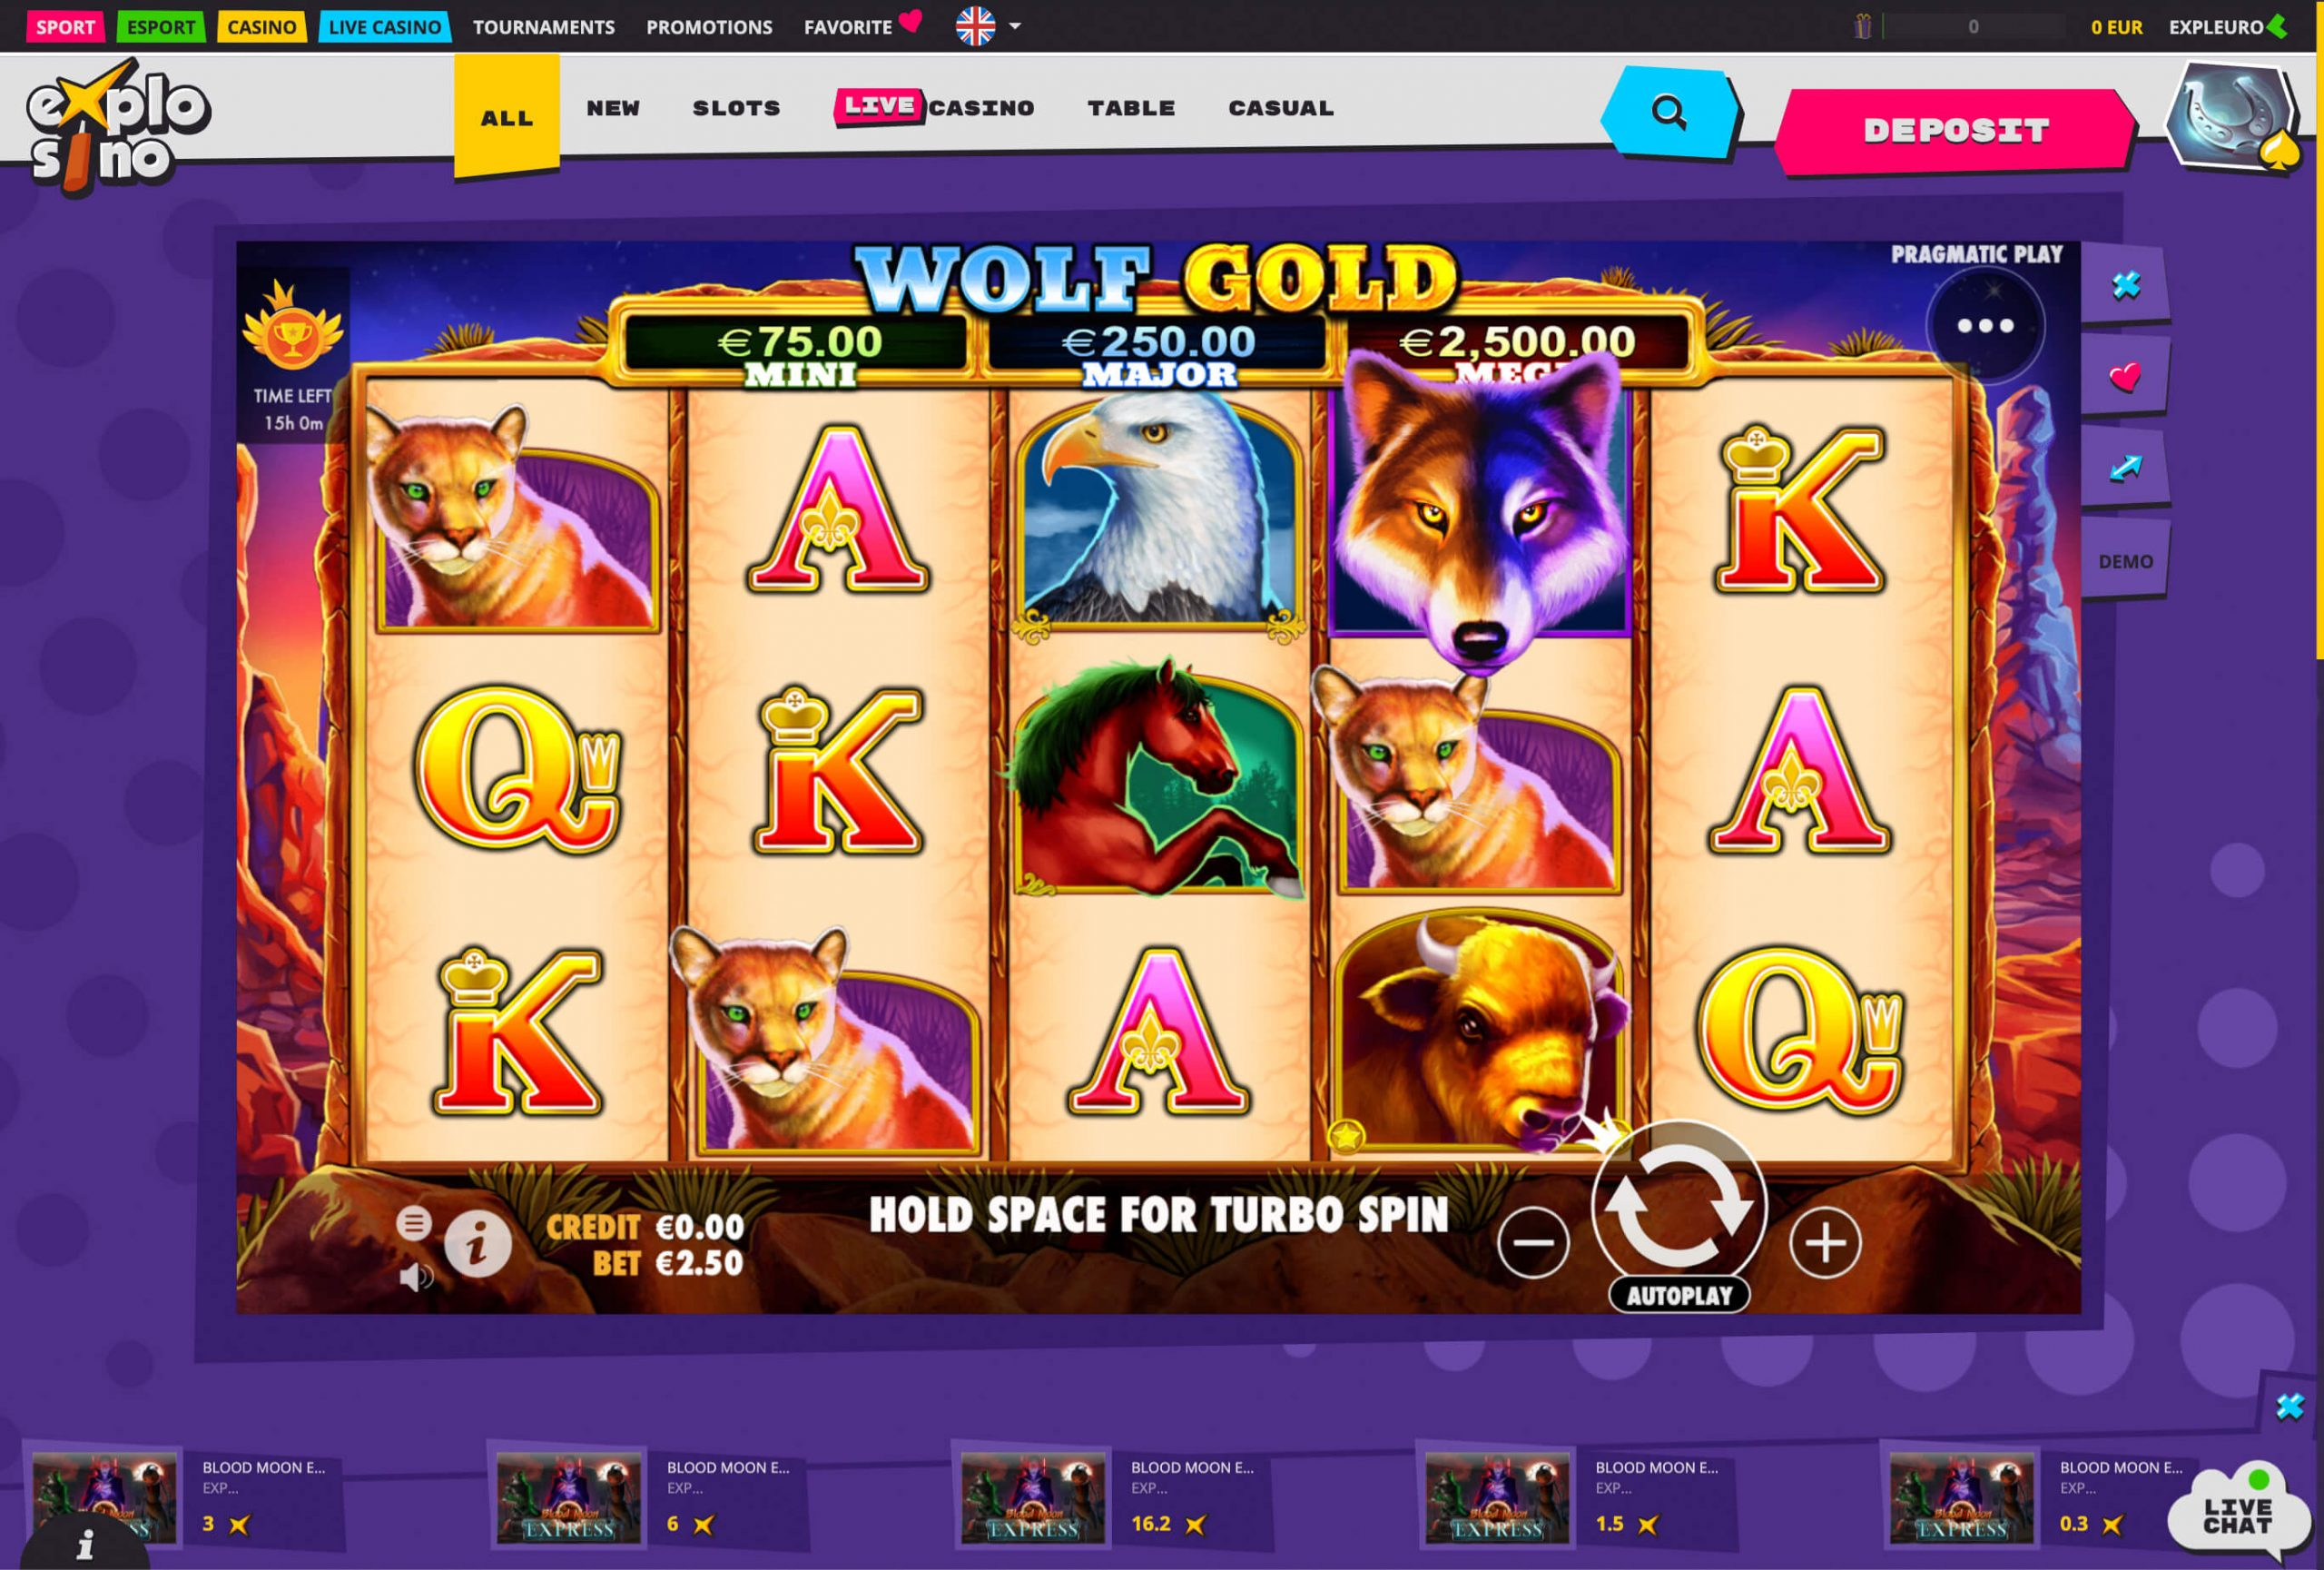 Explosino casino slot machine